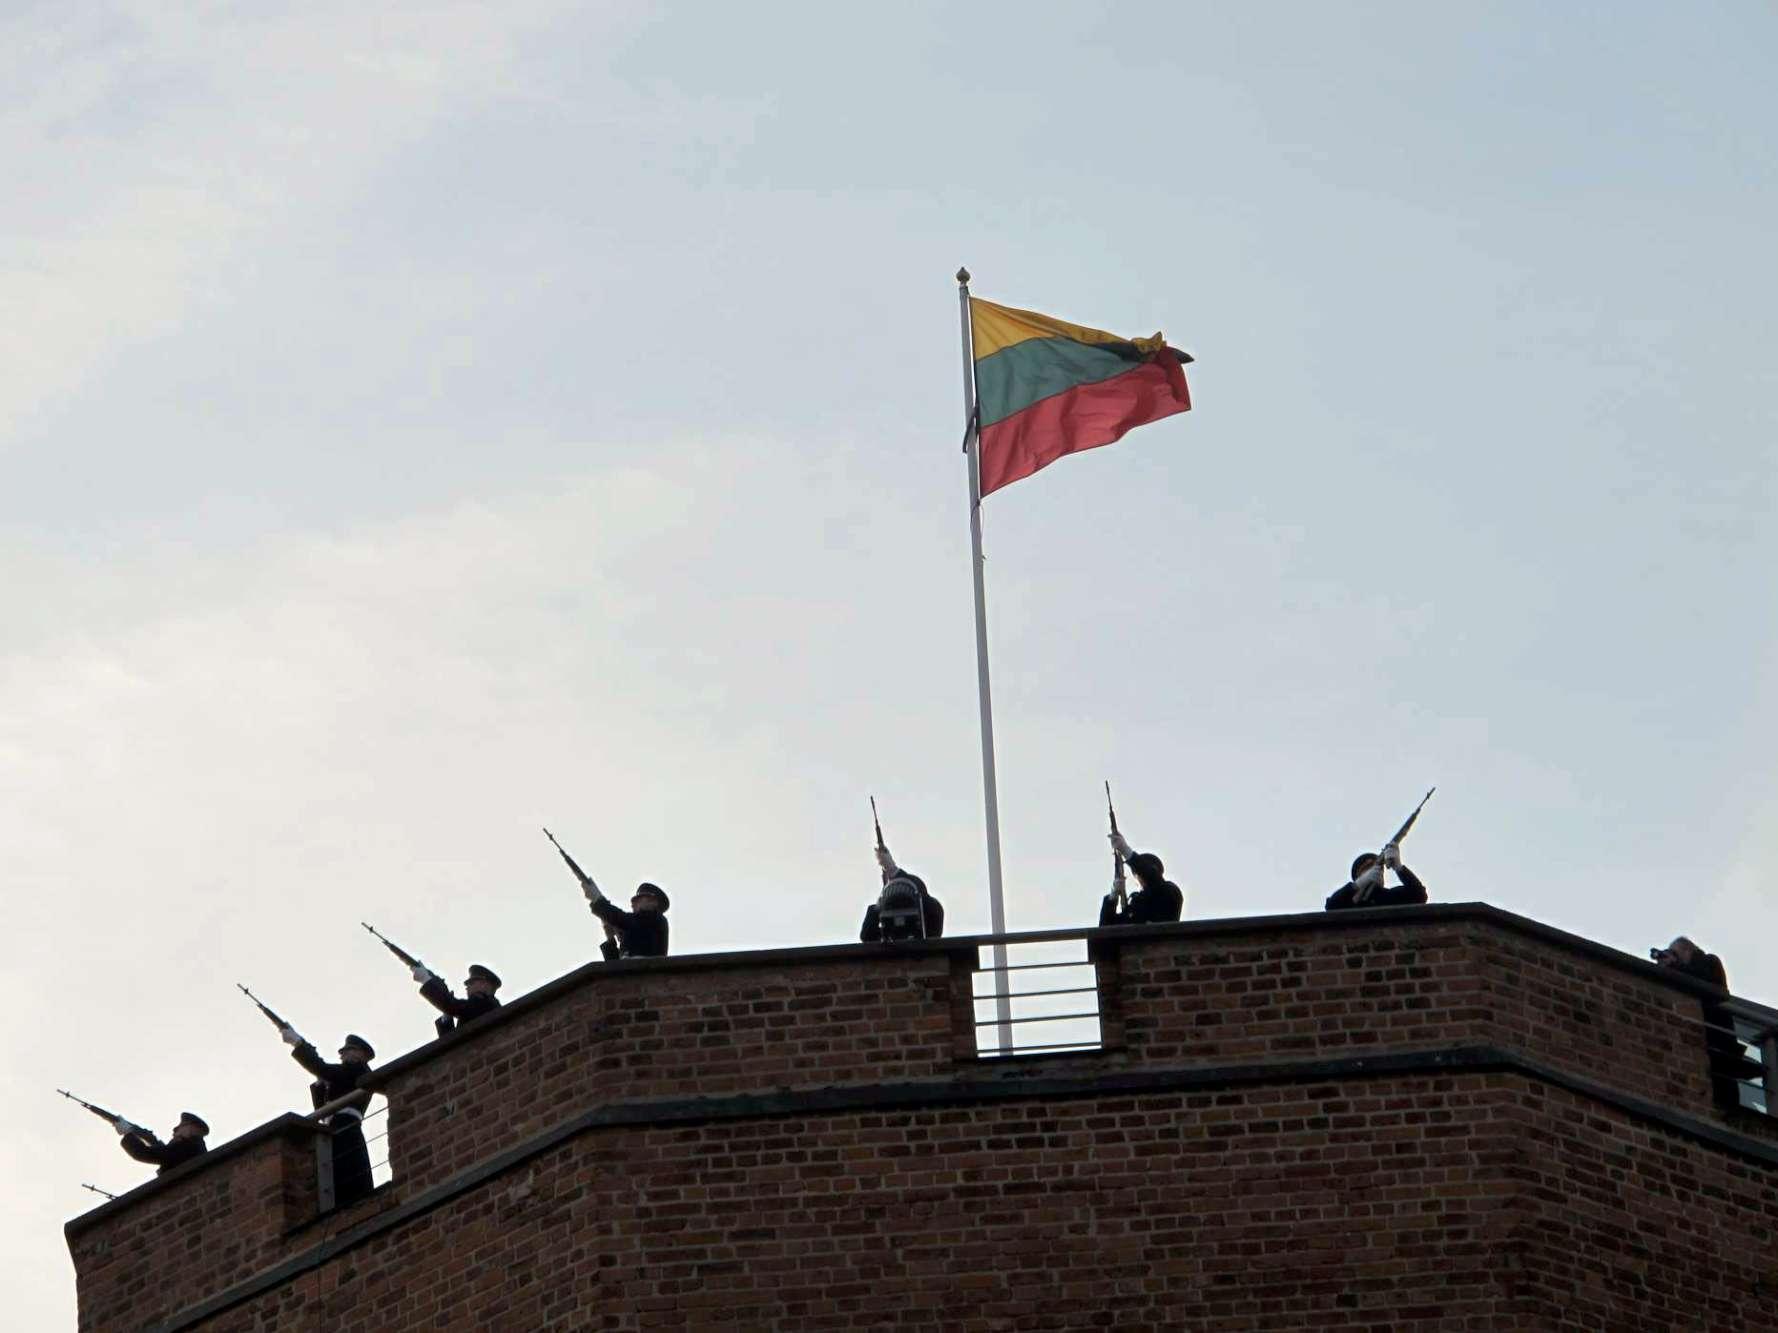 Lietuviškos trispalvės pakeitimo ceremonija 2013 sausio 1 dieną | N. Balčiūnienės nuotr.